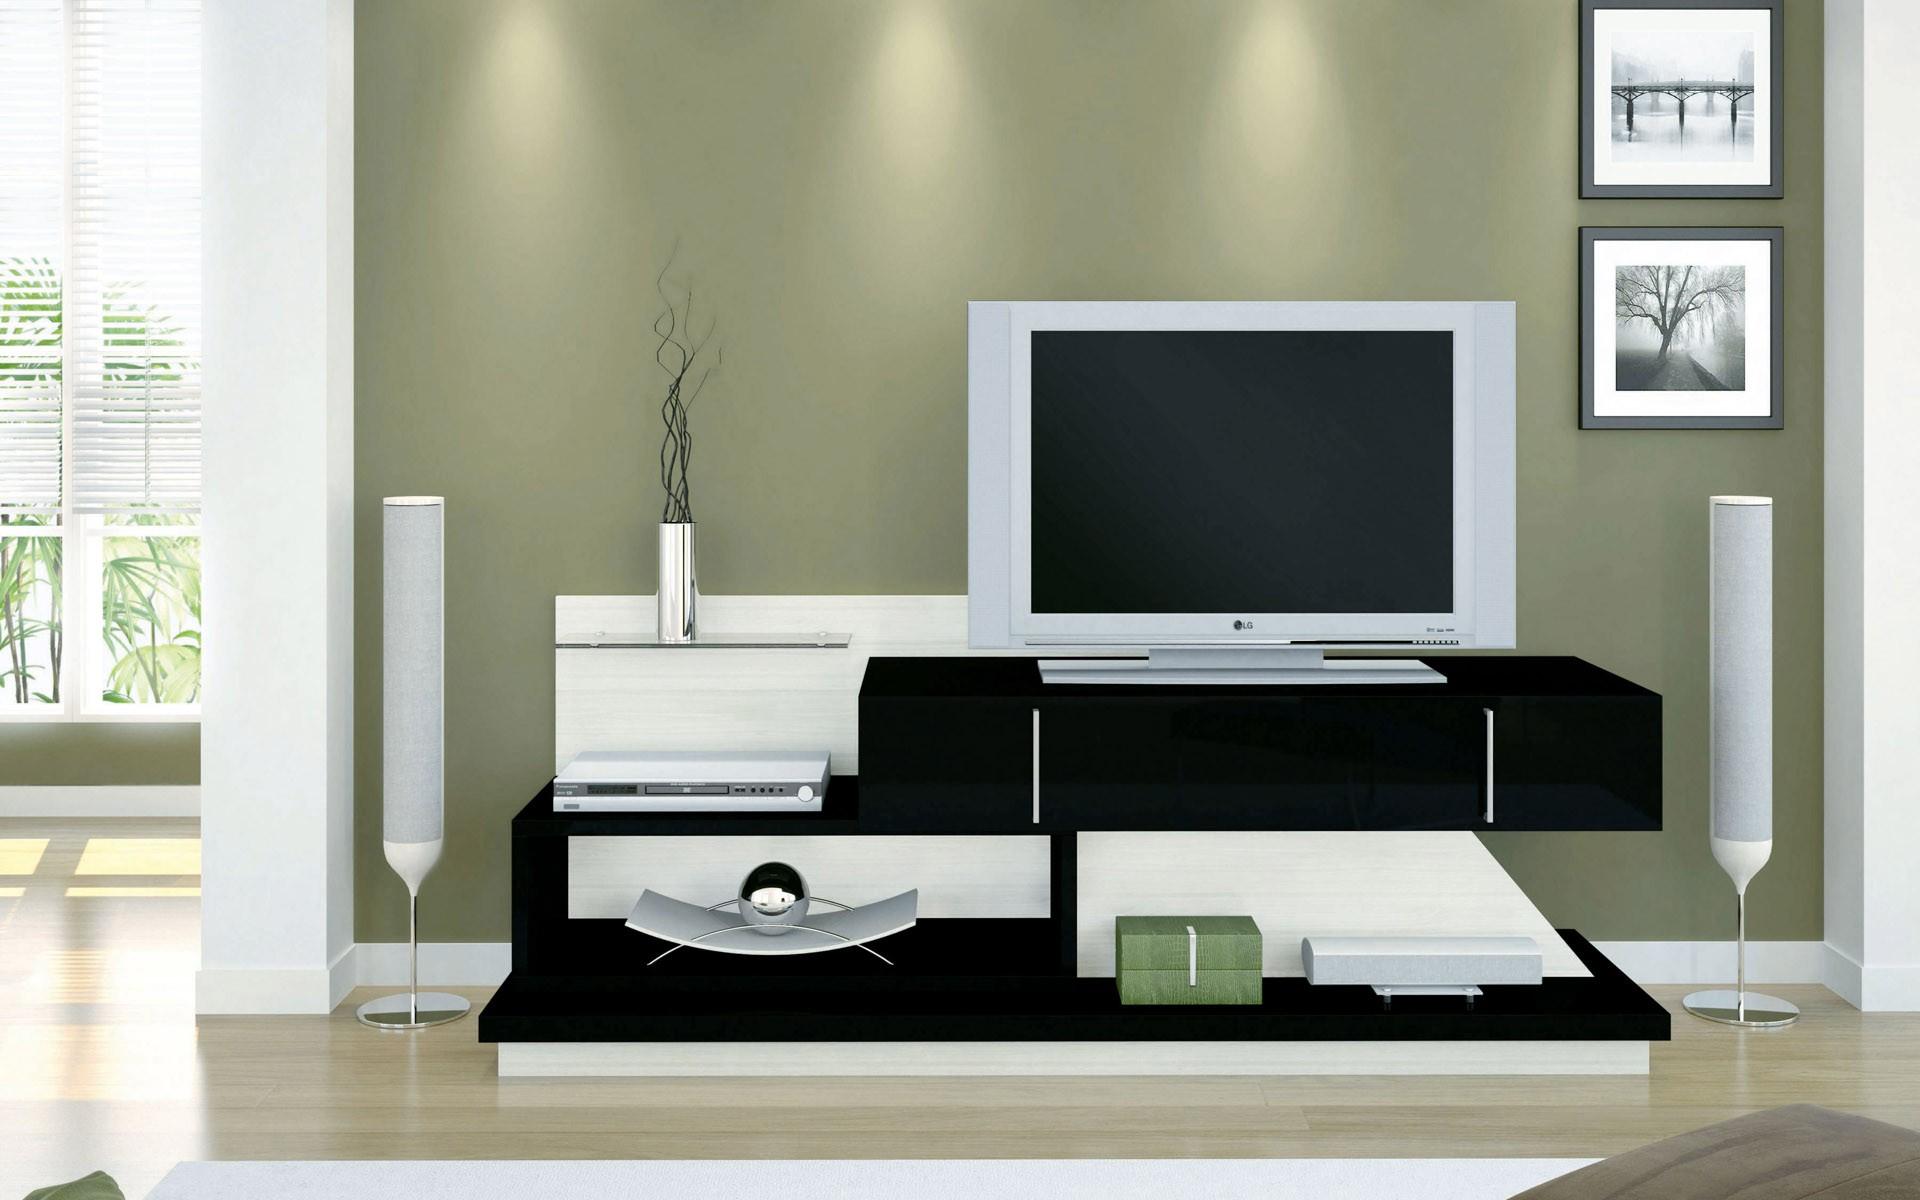 Sala moderna con televisor - 1920x1200